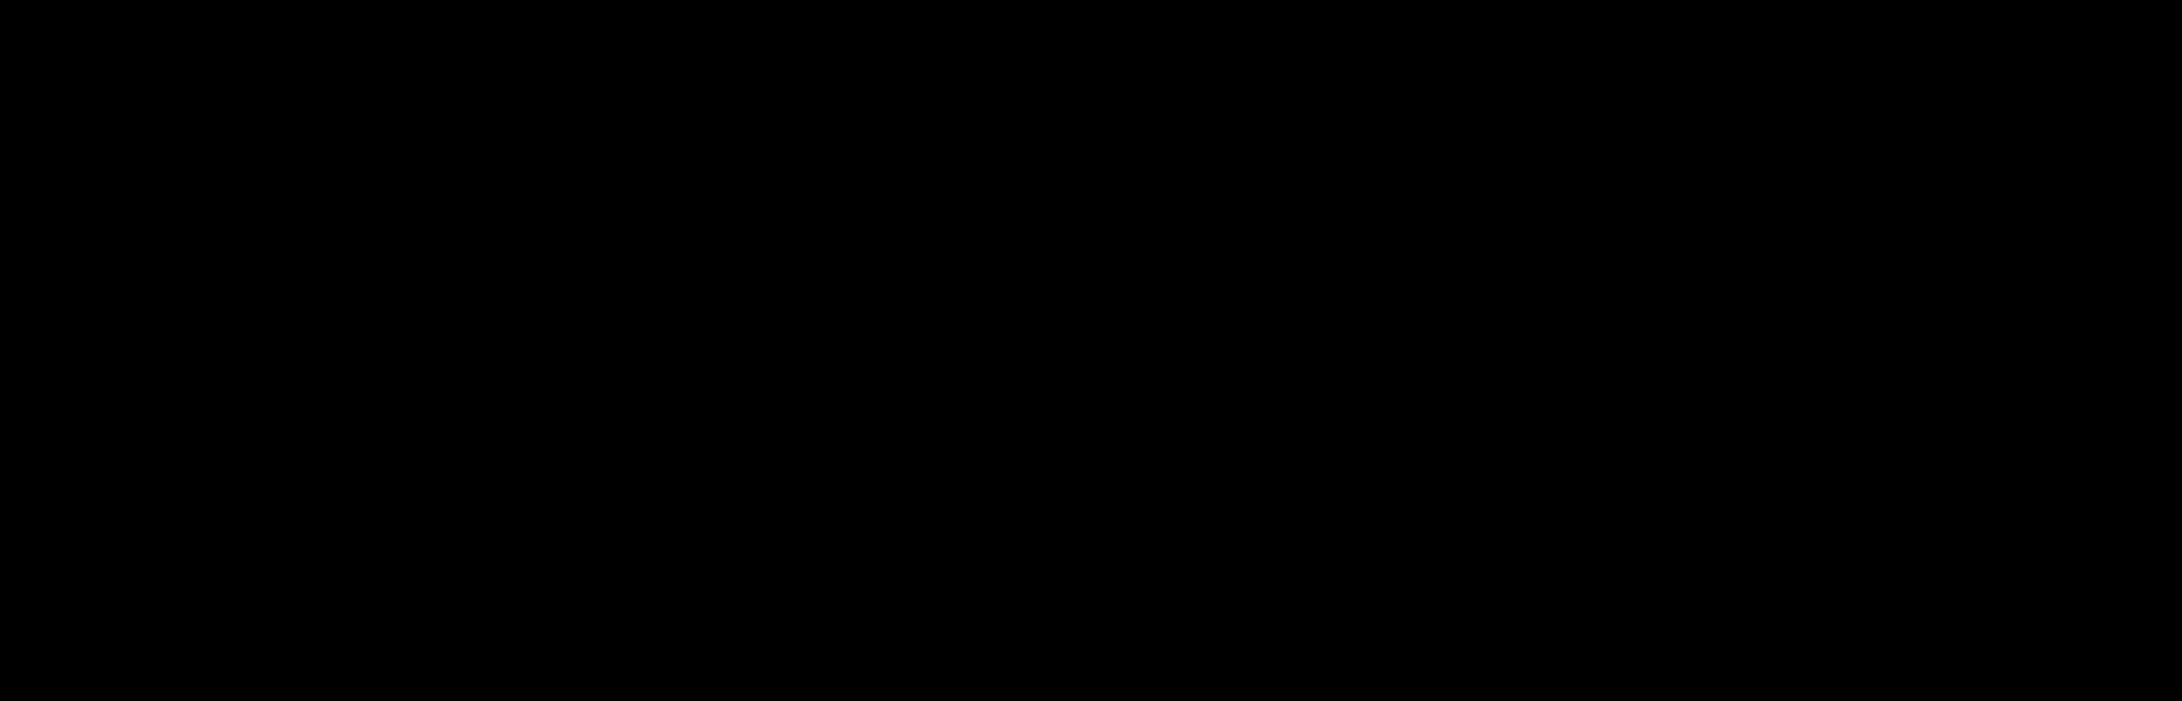 Trimethobenzamide-d<sub>3 </sub>hydrochloride